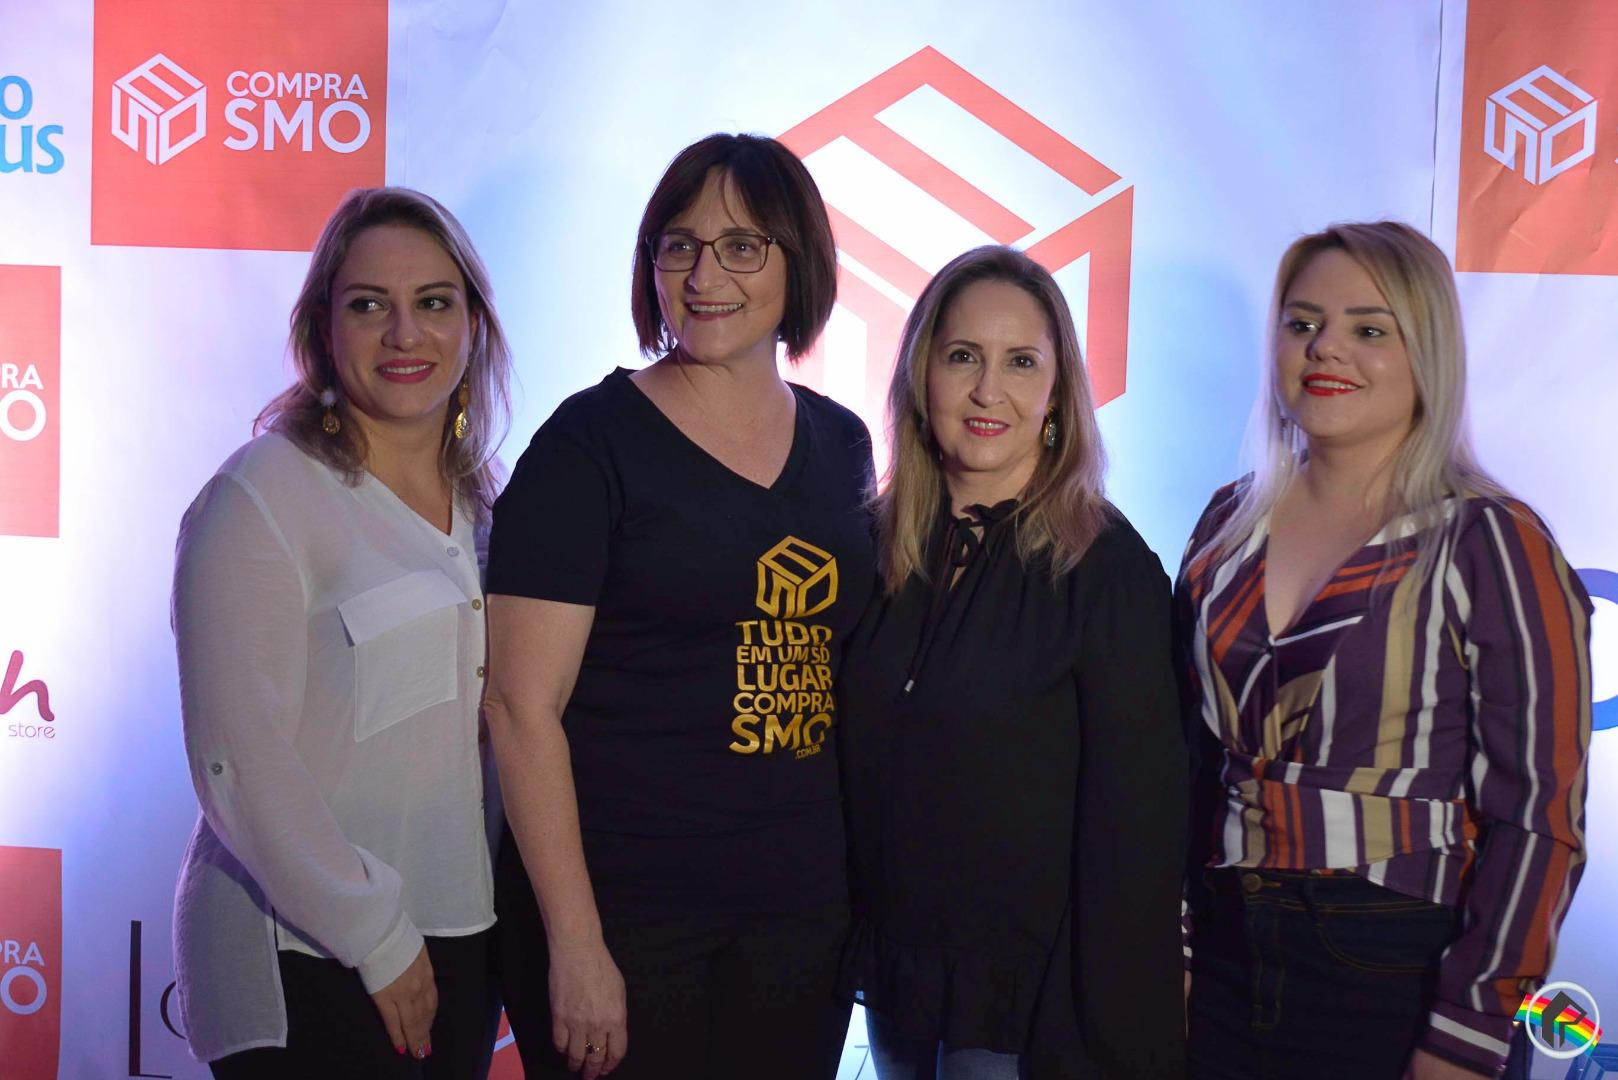 CDL lança Compra SMO, uma plataforma de compras online